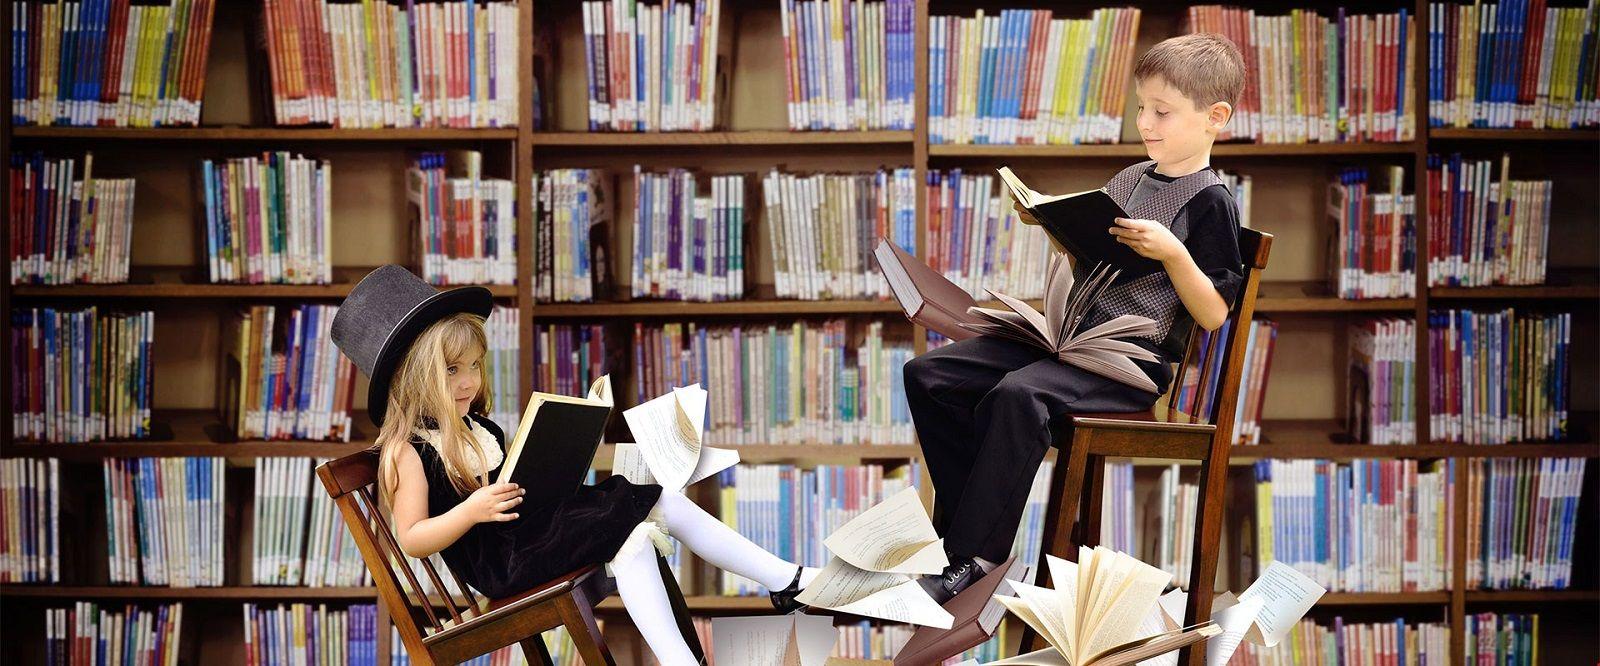 Ребята читают книги